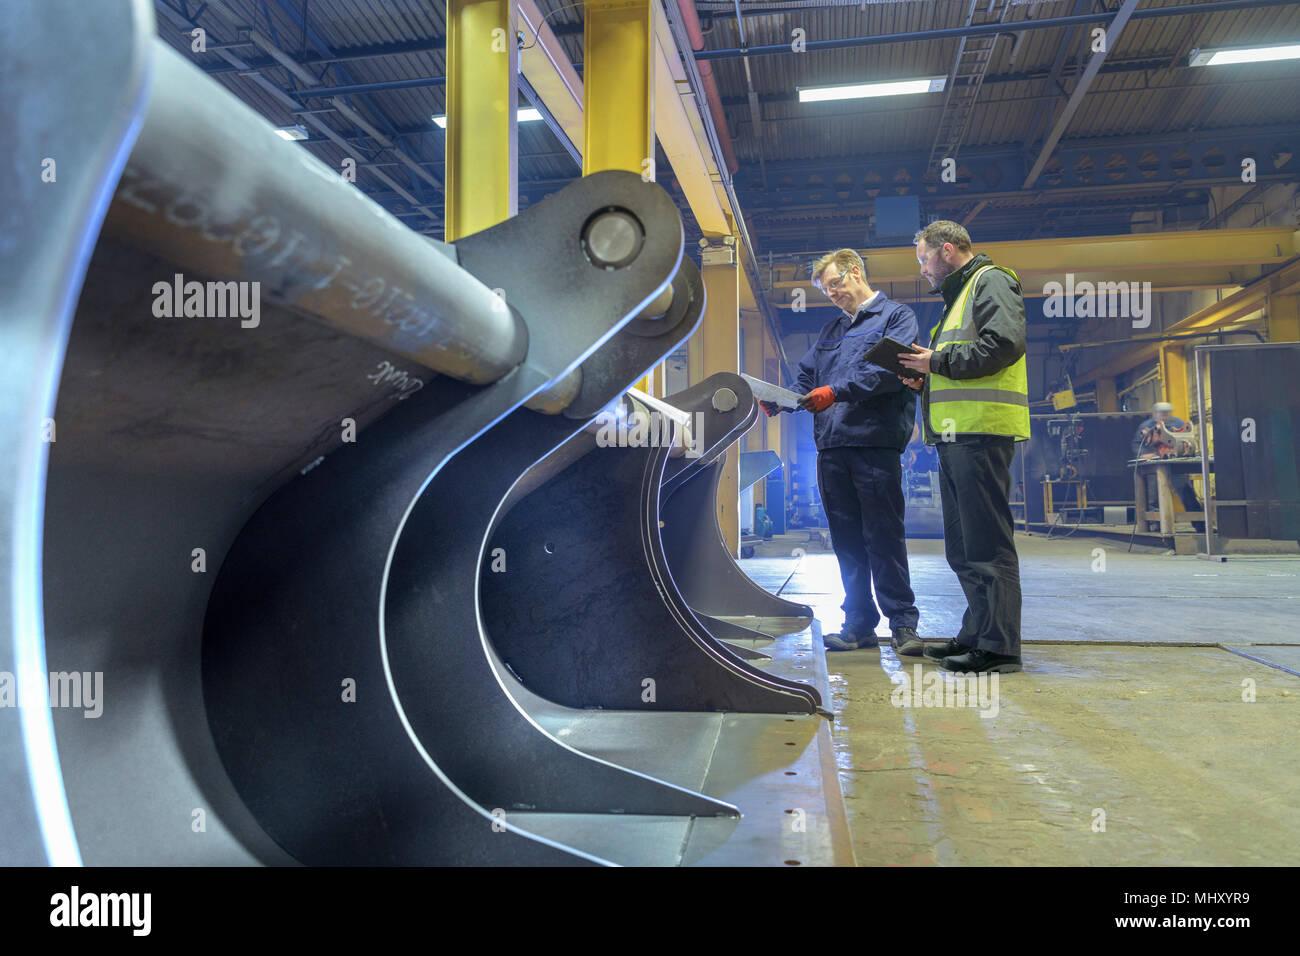 Mitarbeiter und Manager Prüfung teilweise fertige Produkt in Engineering Fabrik Stockfoto